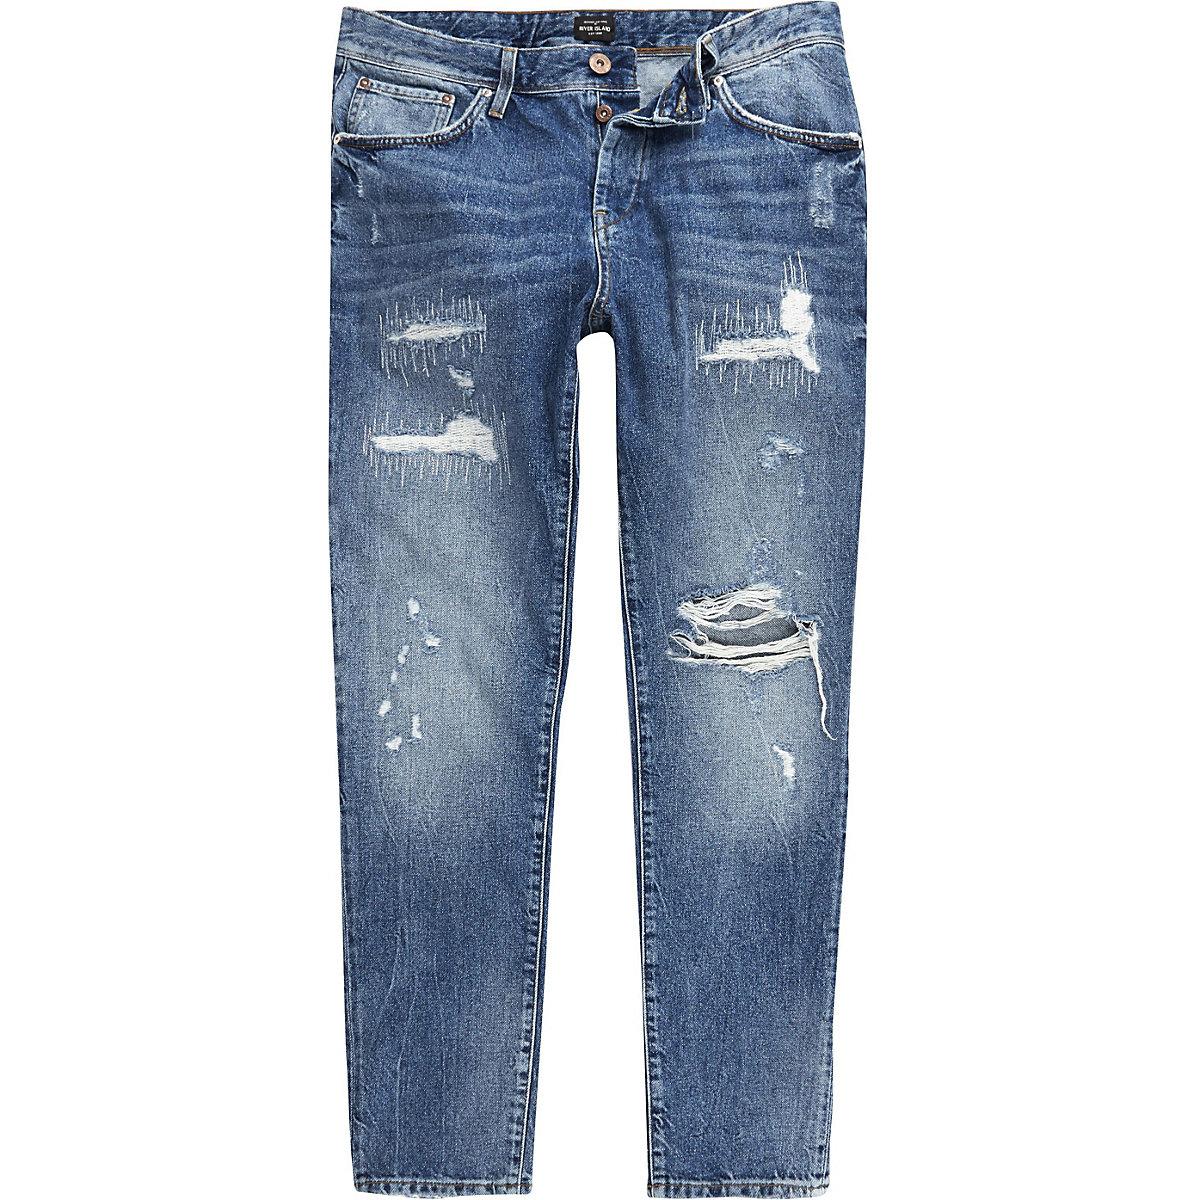 Jimmy – Jean slim bleu foncé usé - Jeans coupe fuselée - Jeans - Homme 88632caa44ee